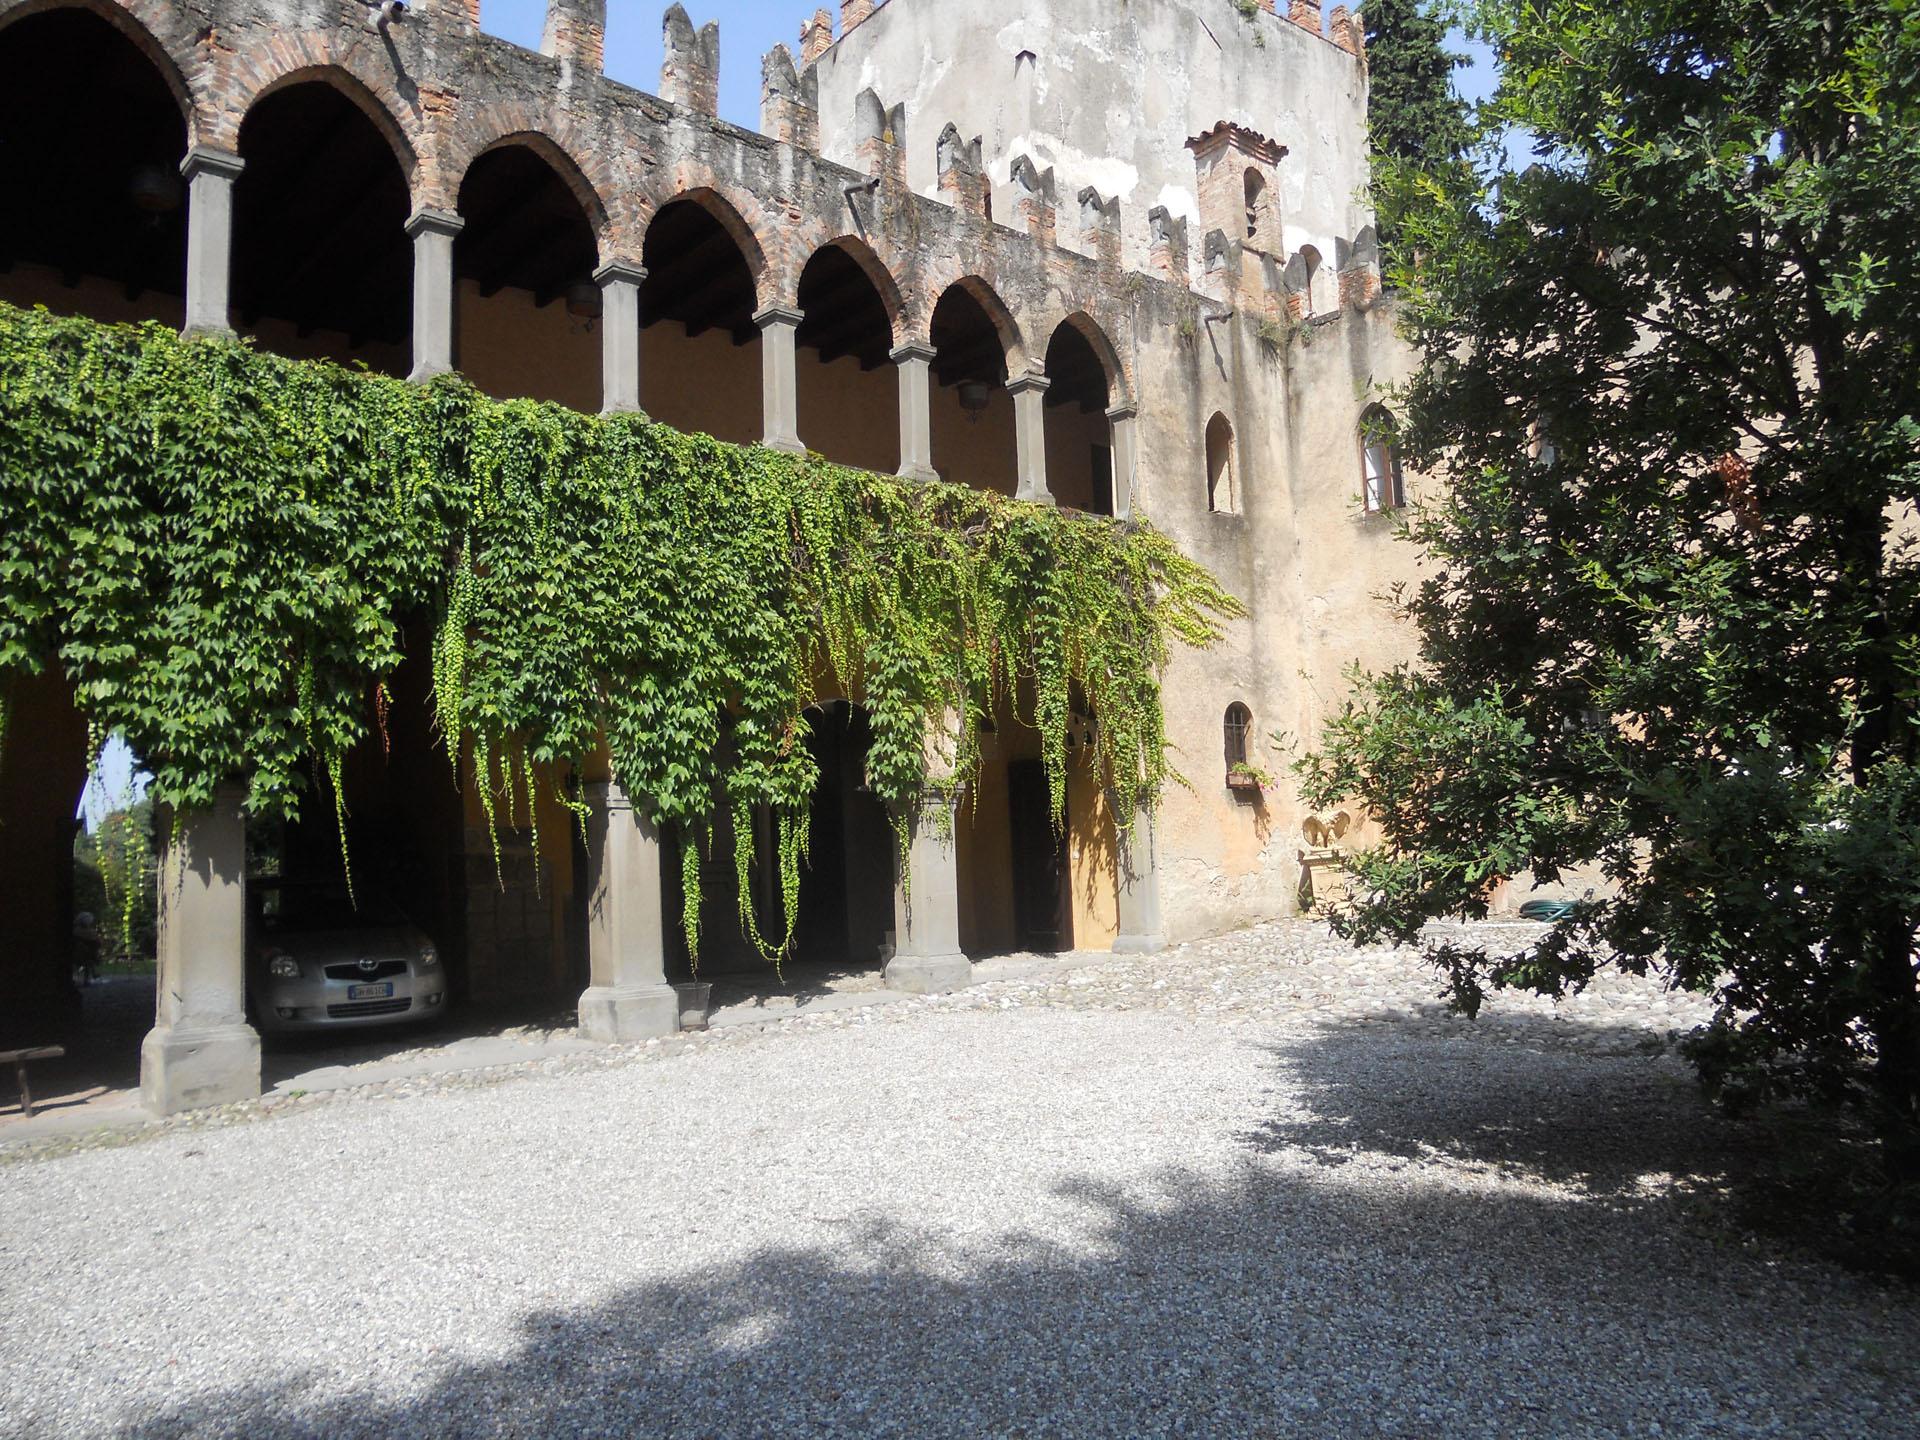 <p>interno del palazzo con cortile</p>